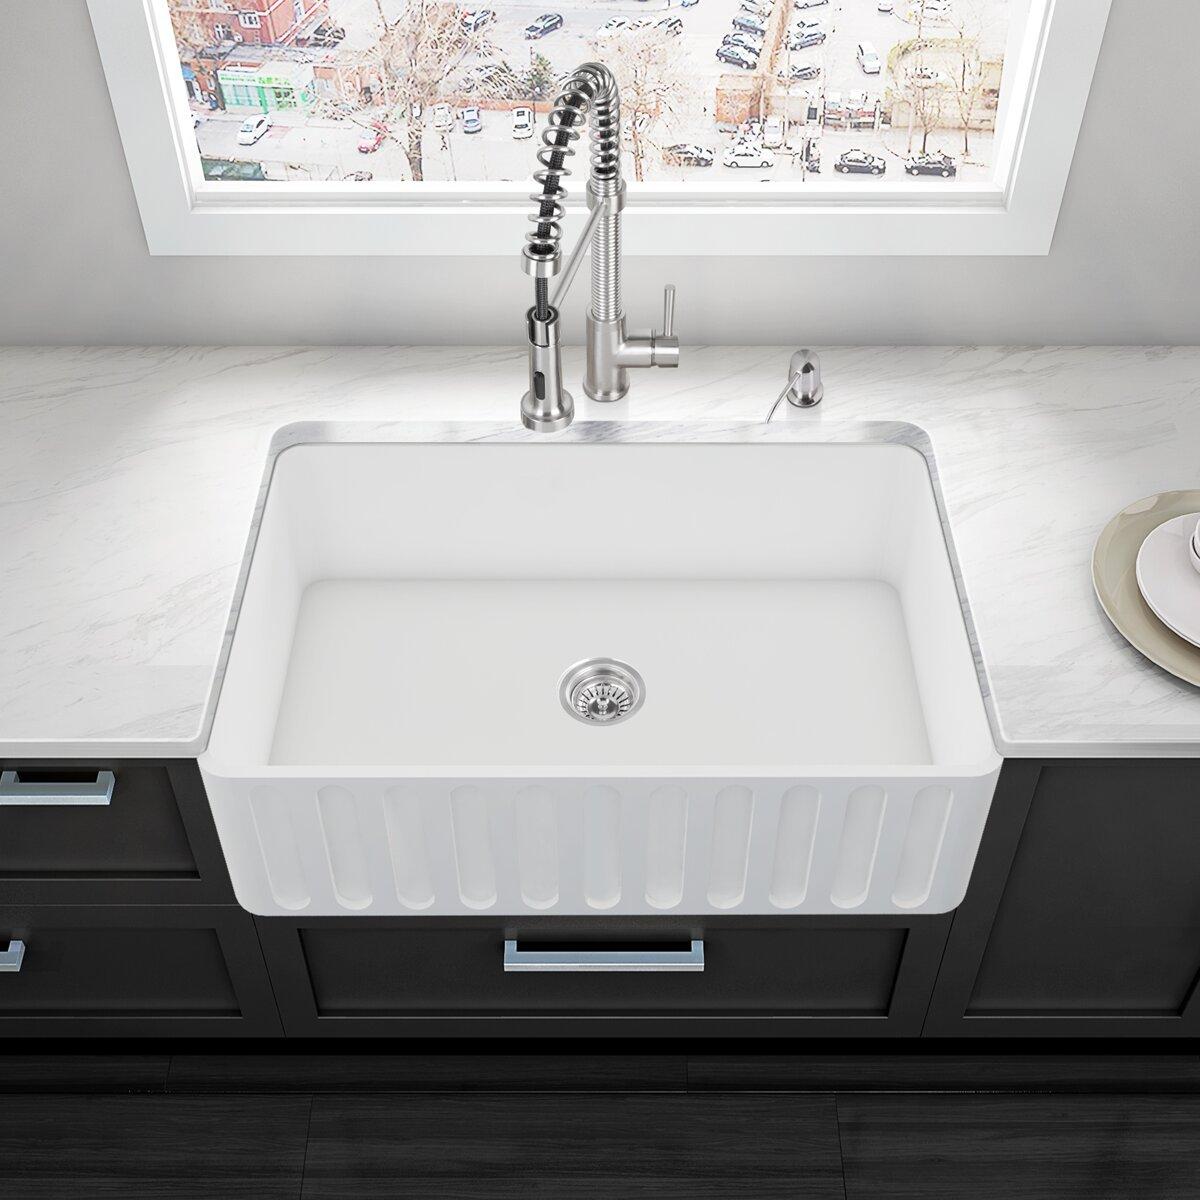 Kitchens With Farmhouse Sinks Vigo 33 X 18 Farmhouse Kitchen Sink Reviews Wayfair